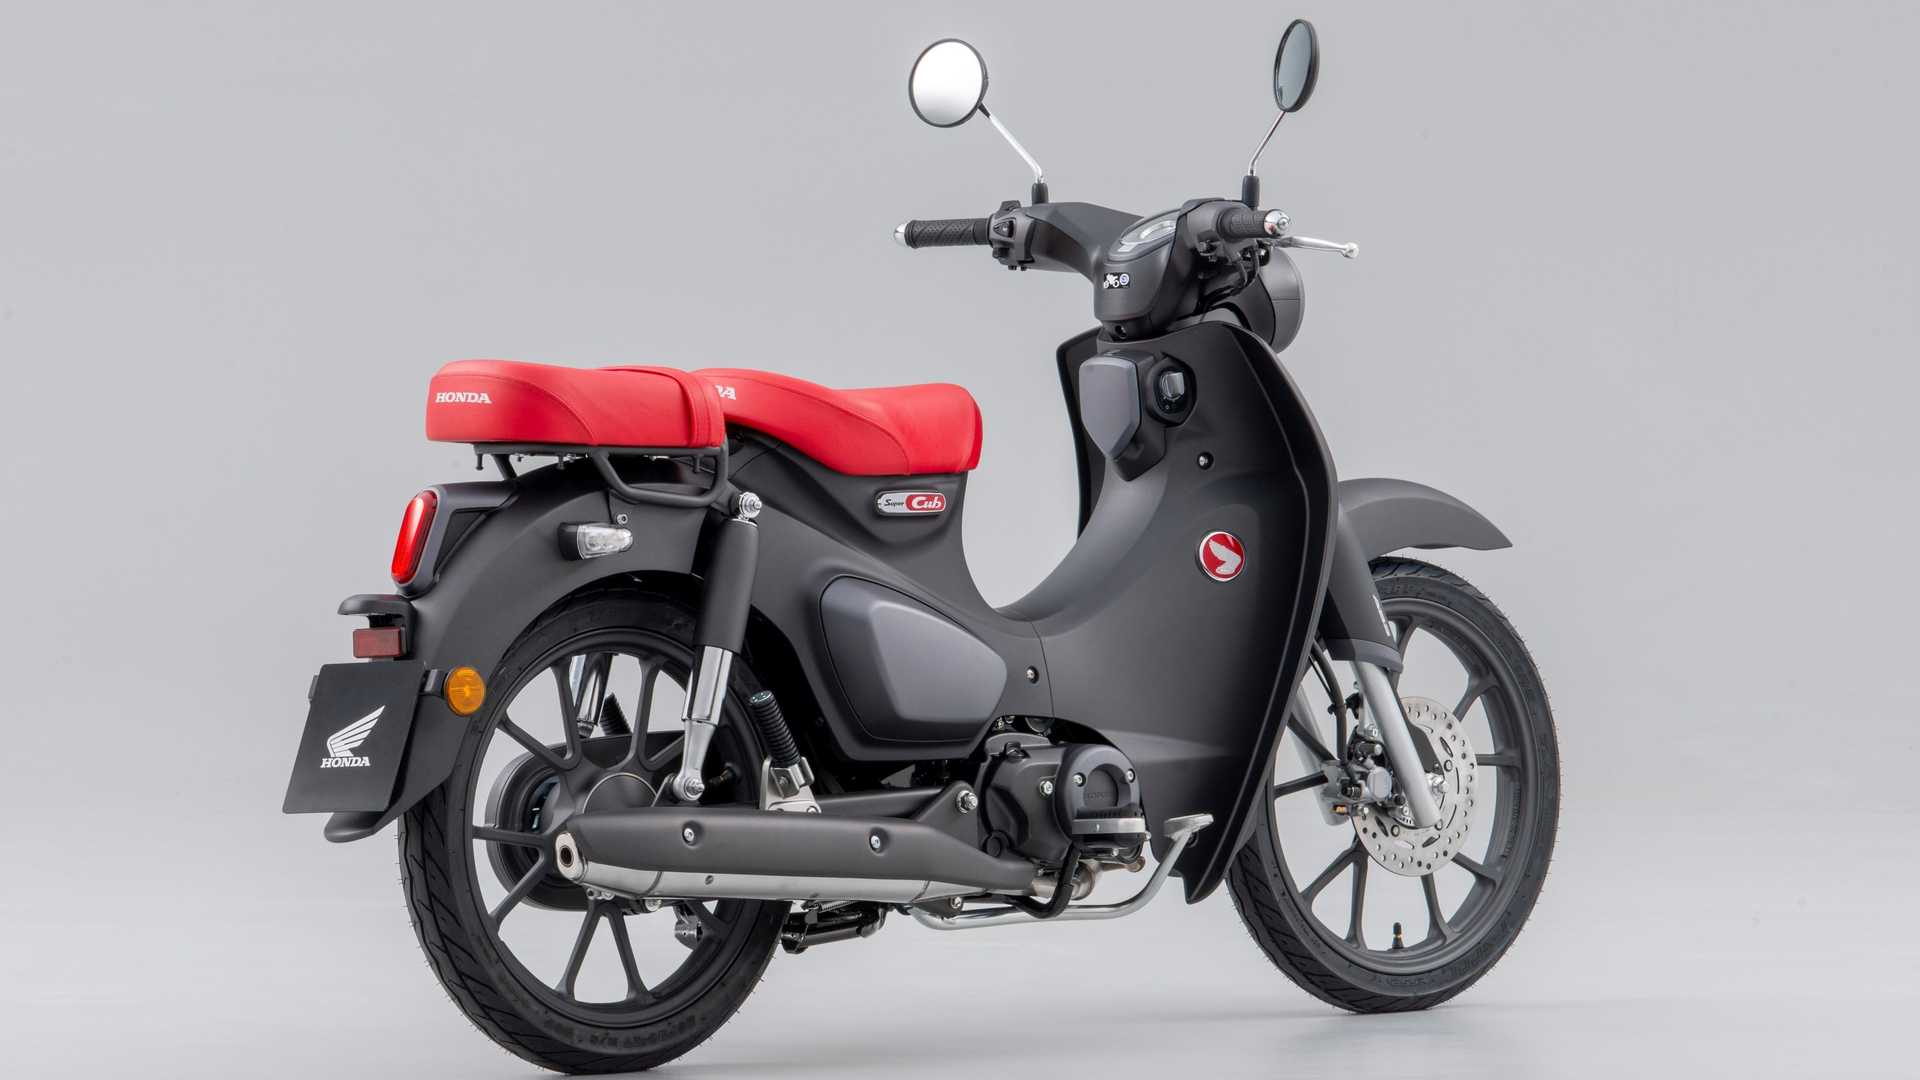 2021 Honda Super C125,2021 Honda Super C125,2021 honda c125 super cub,2021 honda super cub c125 price philippines,2021 honda super cub c125 price,2021 honda super cub c125 abs top speed,2021 honda super cub c125 for sale,top speed of honda super cub c125,harga honda c125 super cub,honda super cub c125 fuel consumption